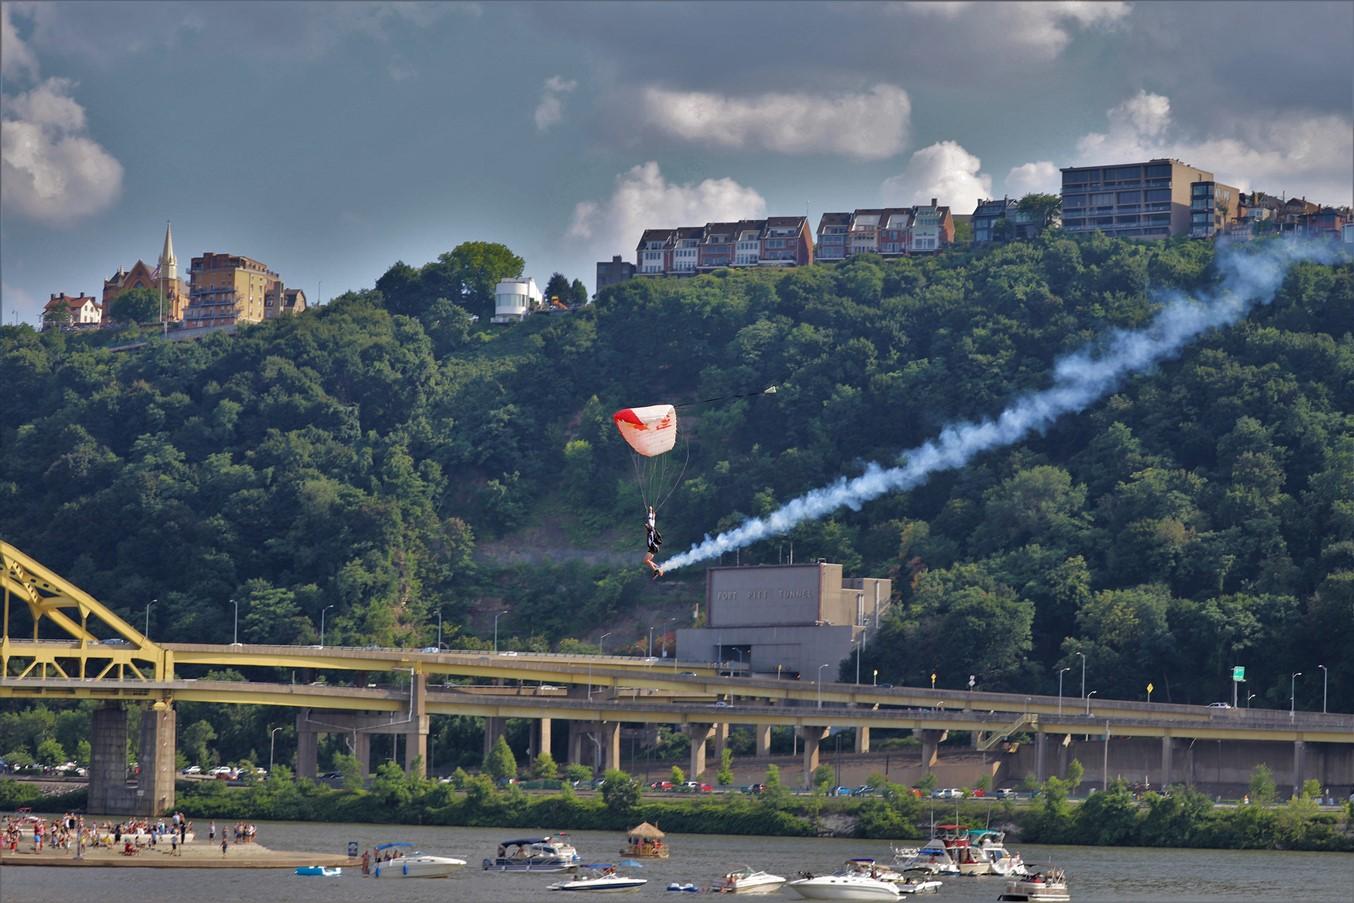 2018 08 04 258 Pittsburgh Three Rivers Regatta.jpg